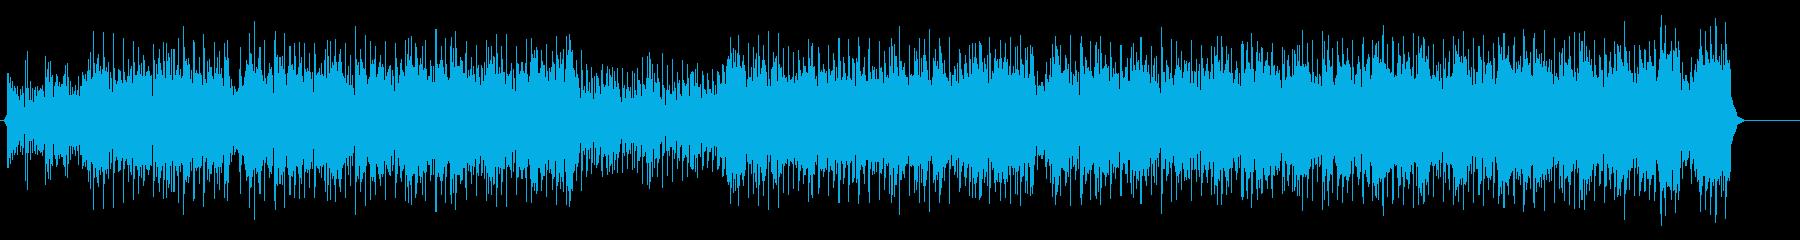 テンポの良いダンサブルなマイナーポップスの再生済みの波形